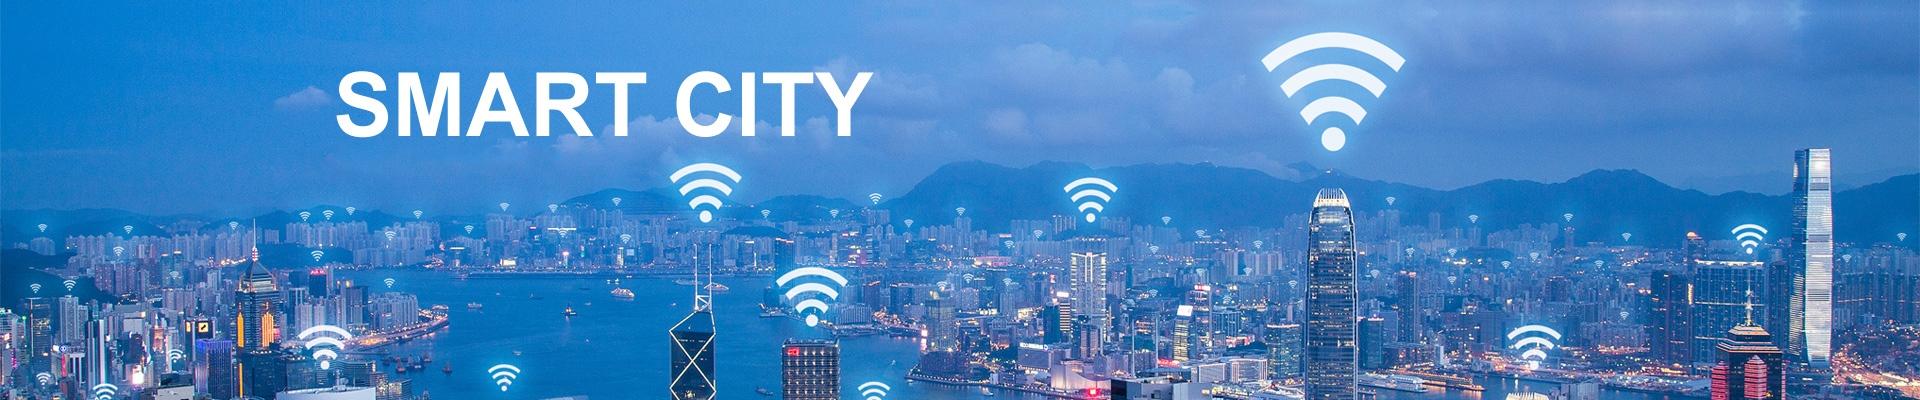 Smart City เมืองอัจฉริยะ